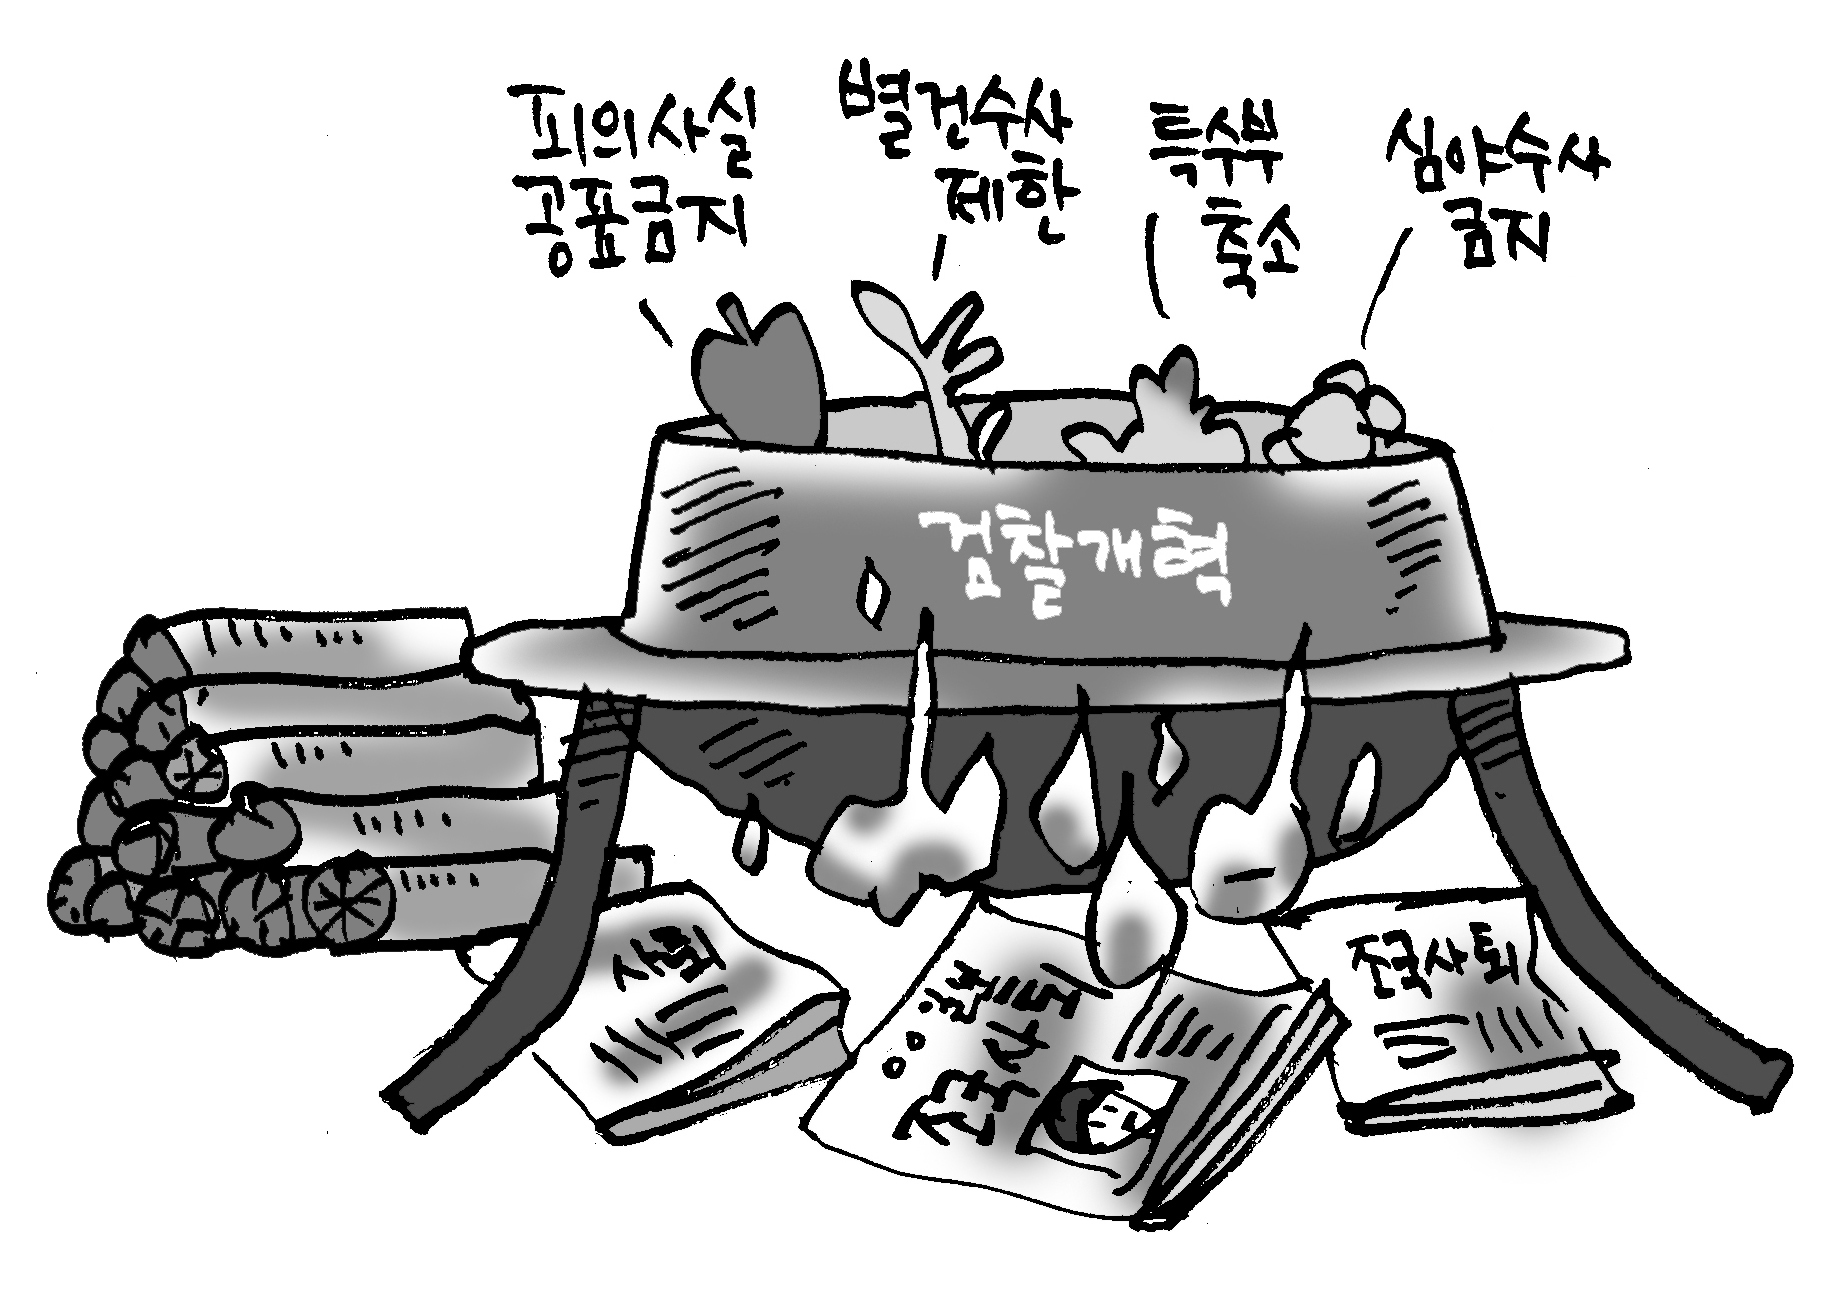 조국 장관 돌연사퇴… 검찰개혁은 차근차근 신중히